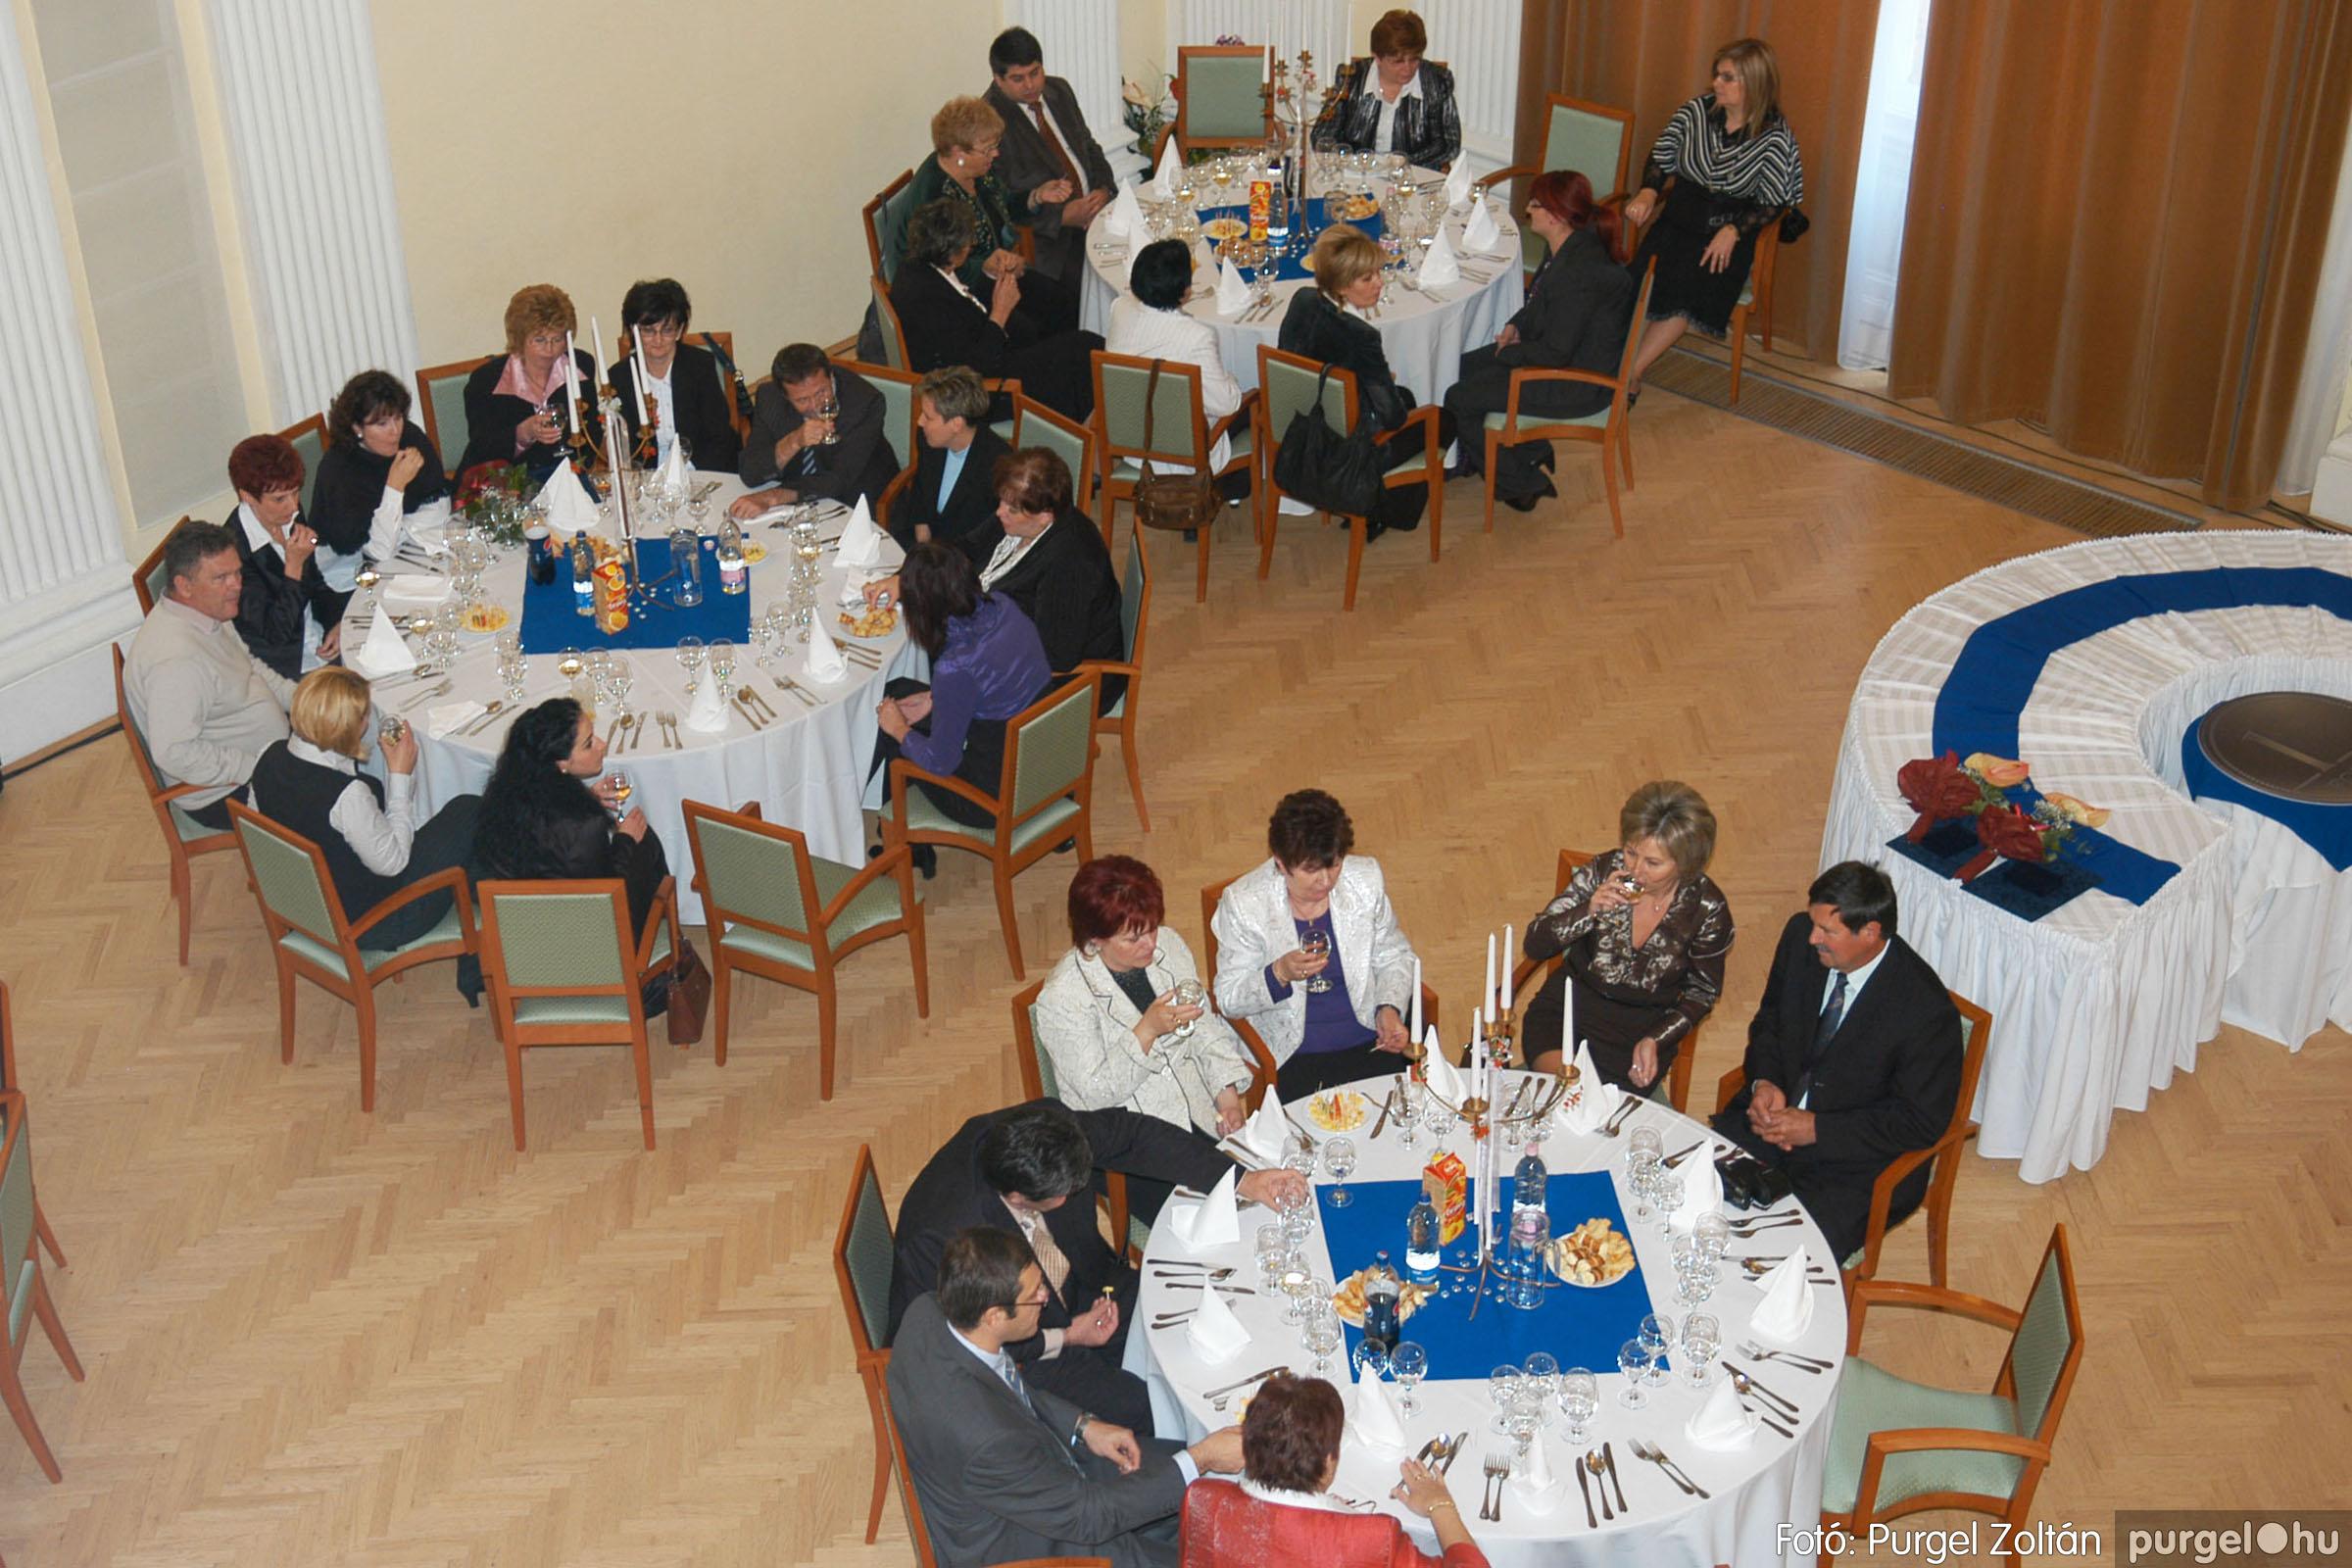 2010.10.28. 178 Szegvár és Vidéke Takarékszövetkezet takarékossági világnap rendezvény - Fotó:P. Z..jpg